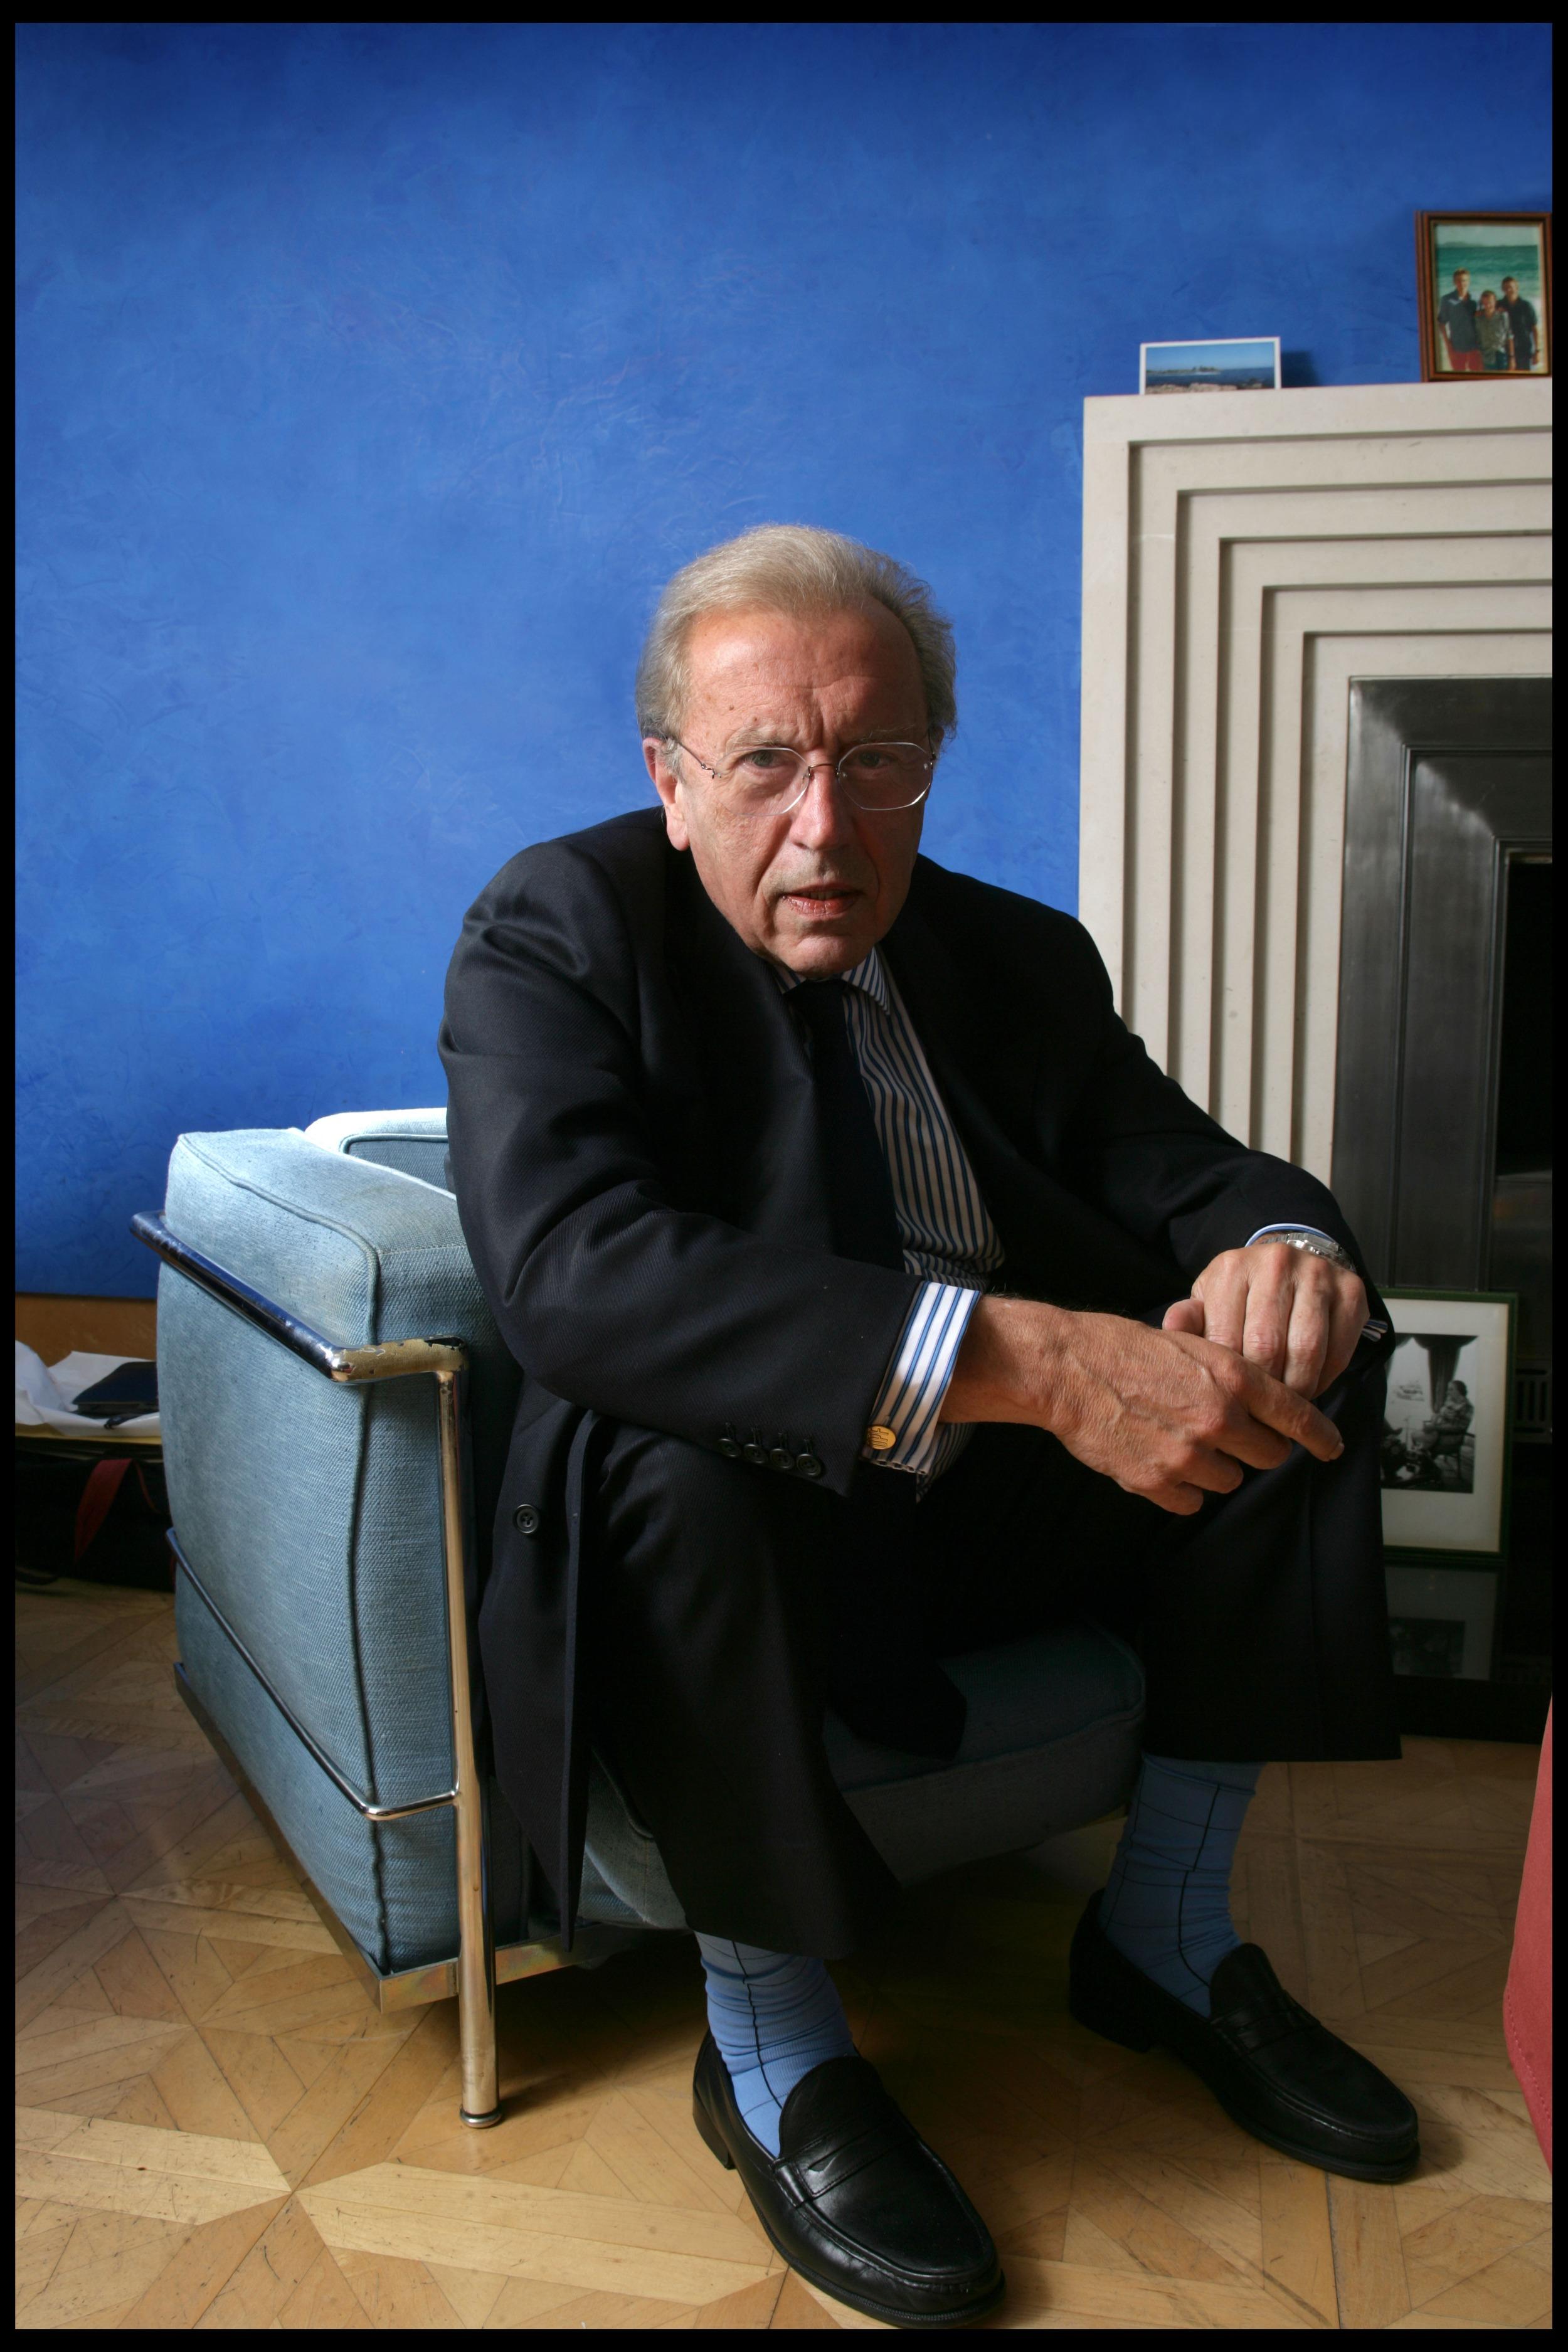 Sir David Frost, journalist